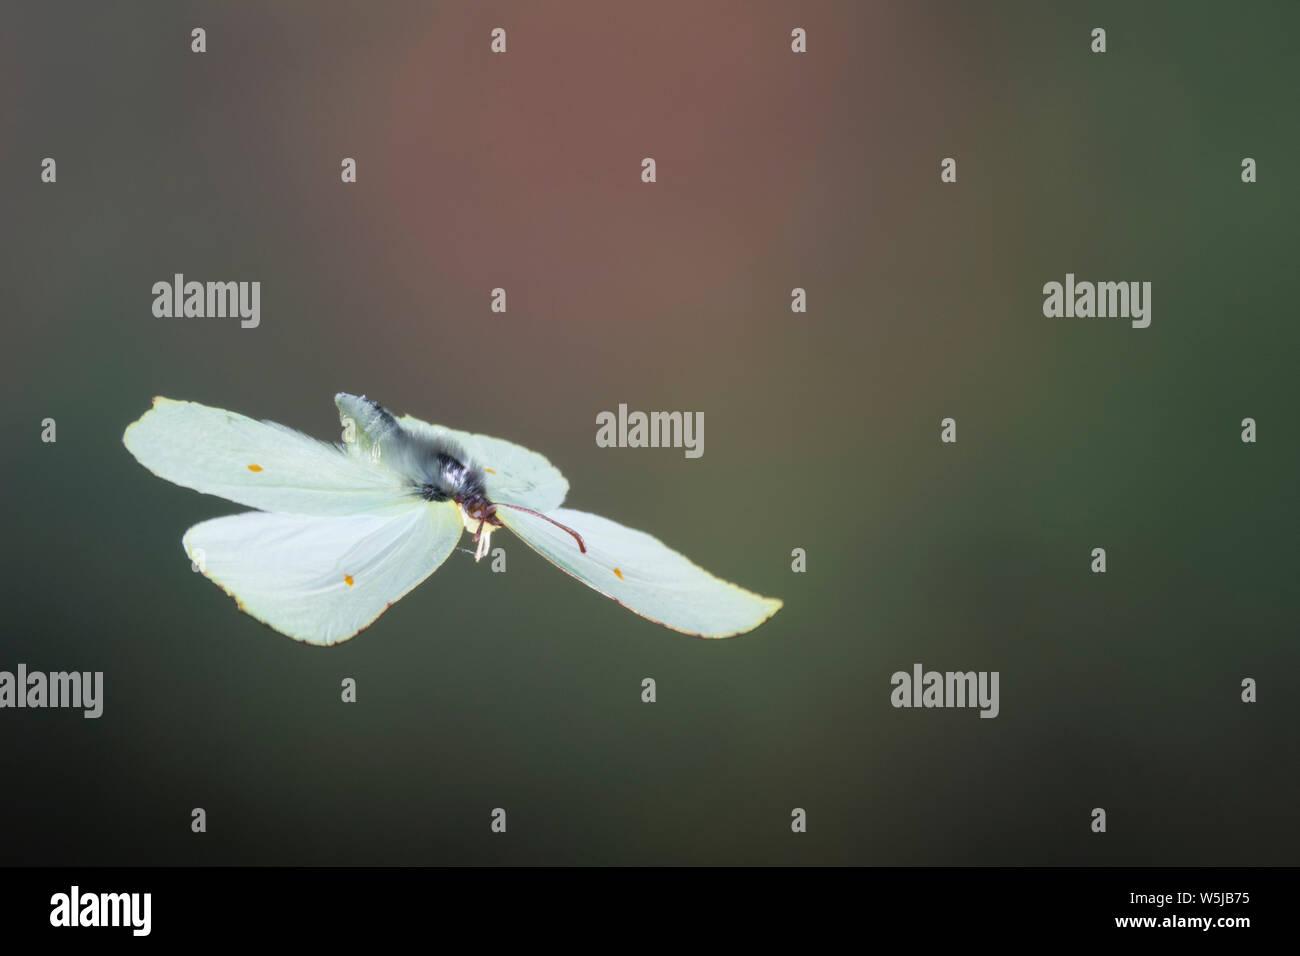 Zitronenfalter, Flug, fliegend, Zitronen-Falter, Gonepteryx